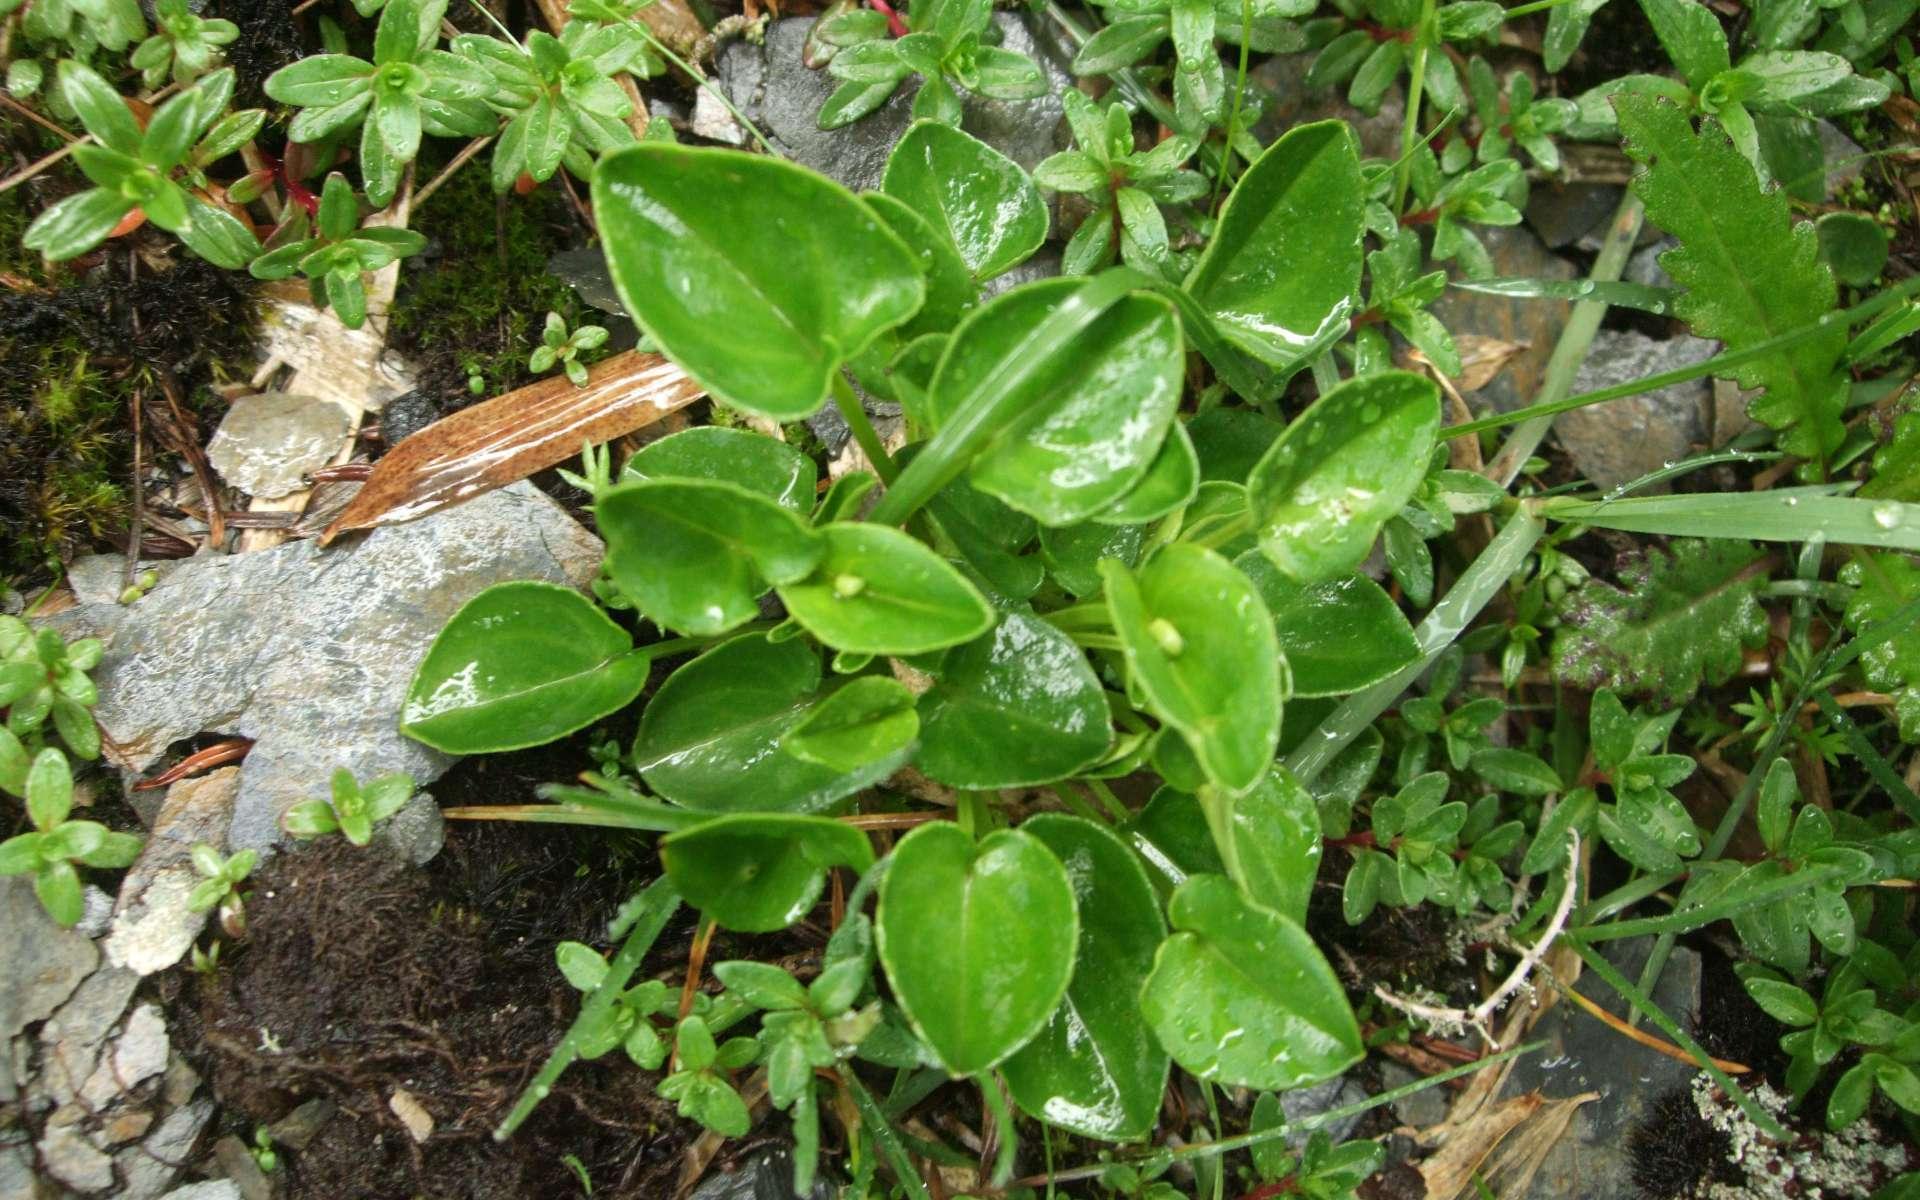 Parnassie des marais - feuilles (Crédits : Shihchuan - flickr)